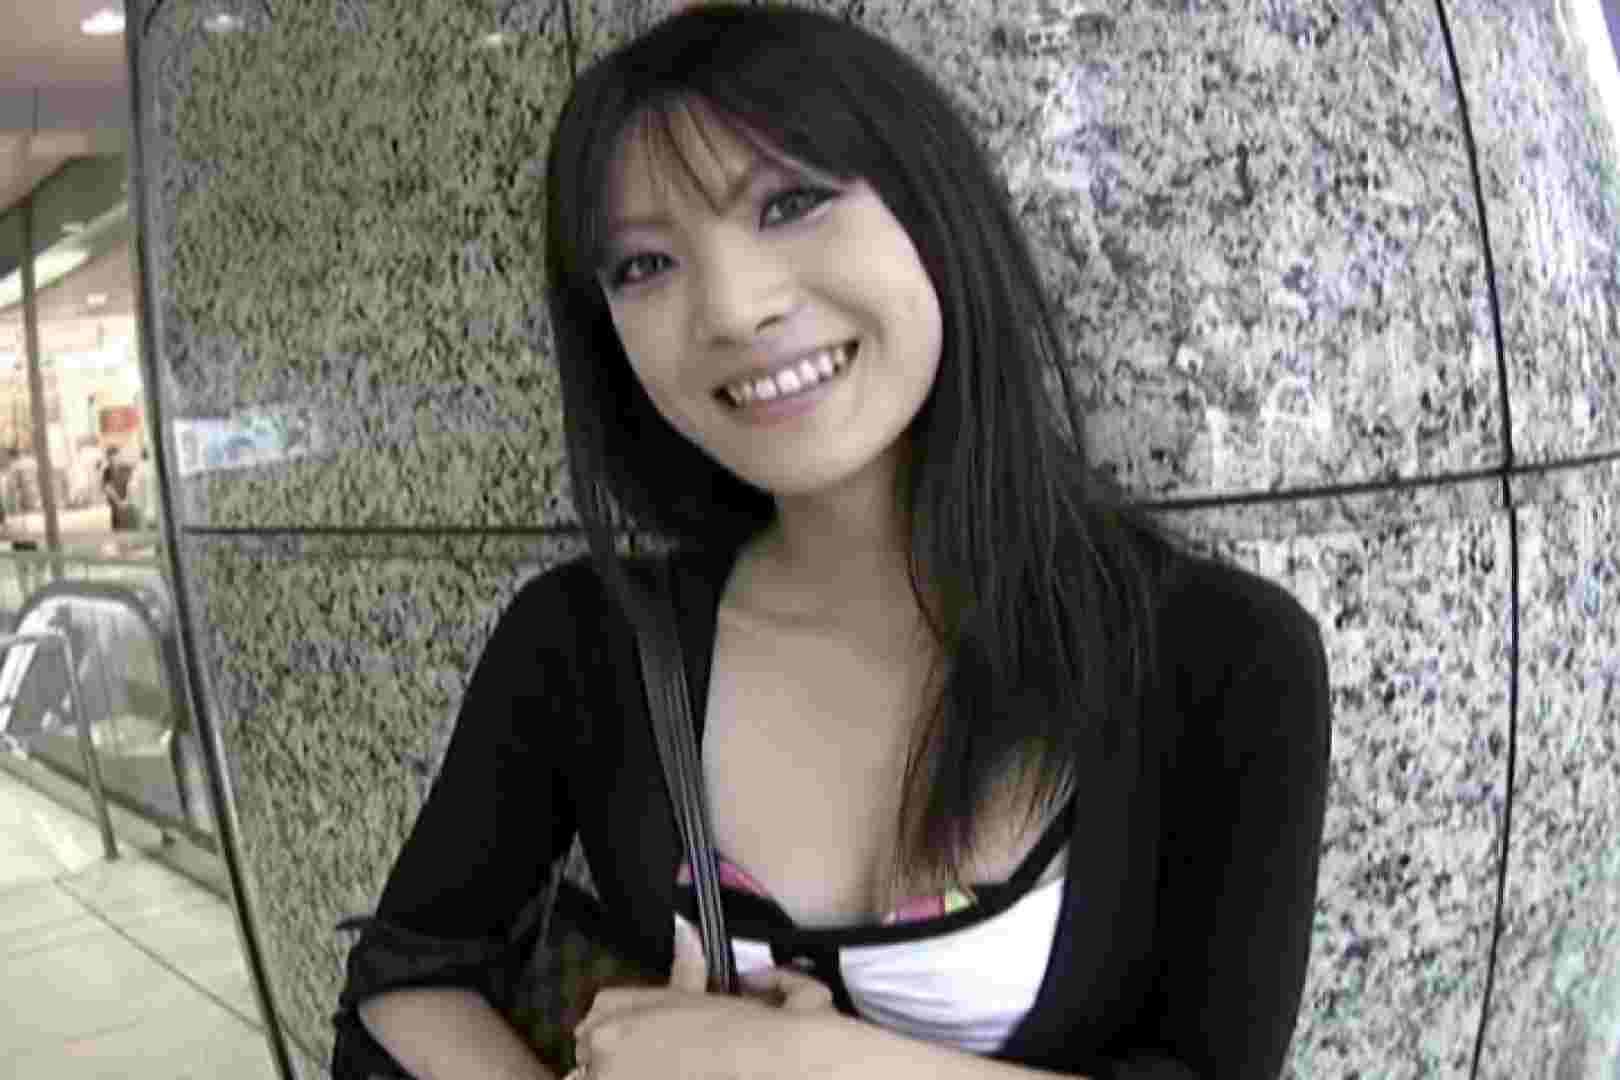 ハイビジョンパンチラ オッテQさんの追跡パンチラ制服女子編Vol.05 追跡  93pic 28